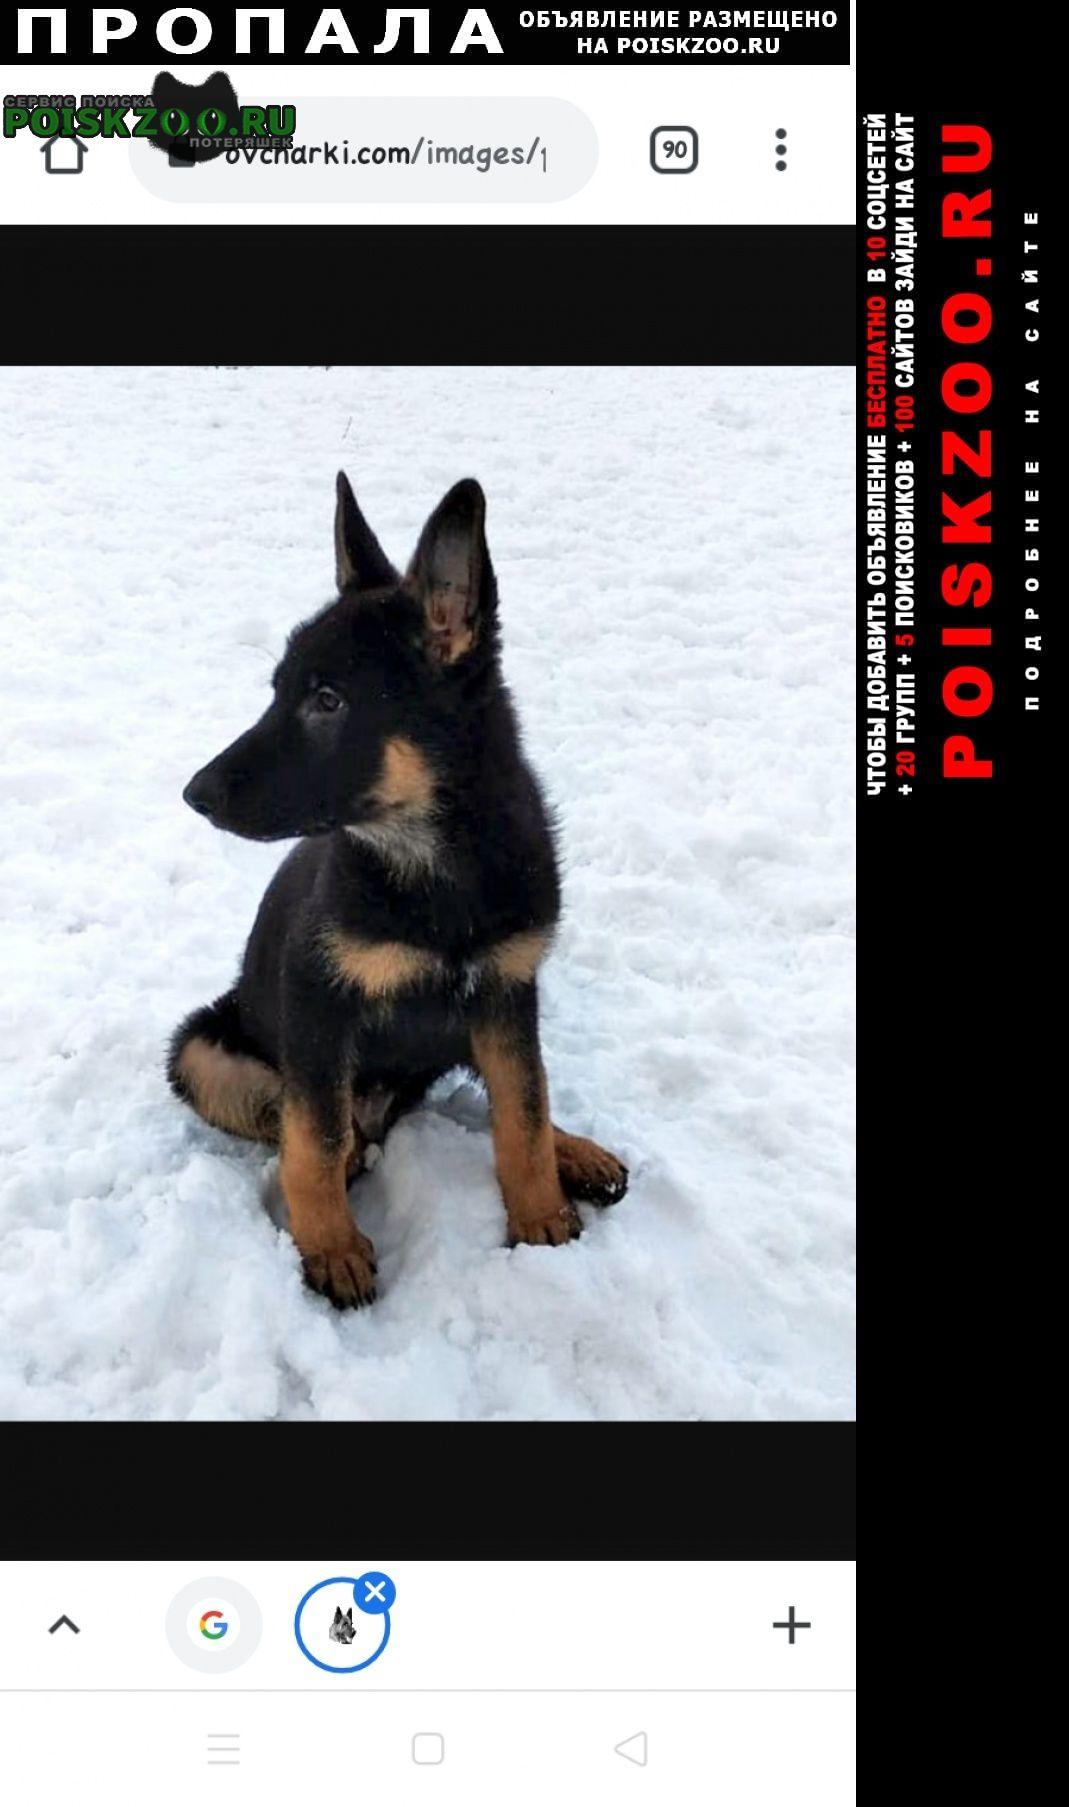 Пропала собака кобель щенок Владивосток